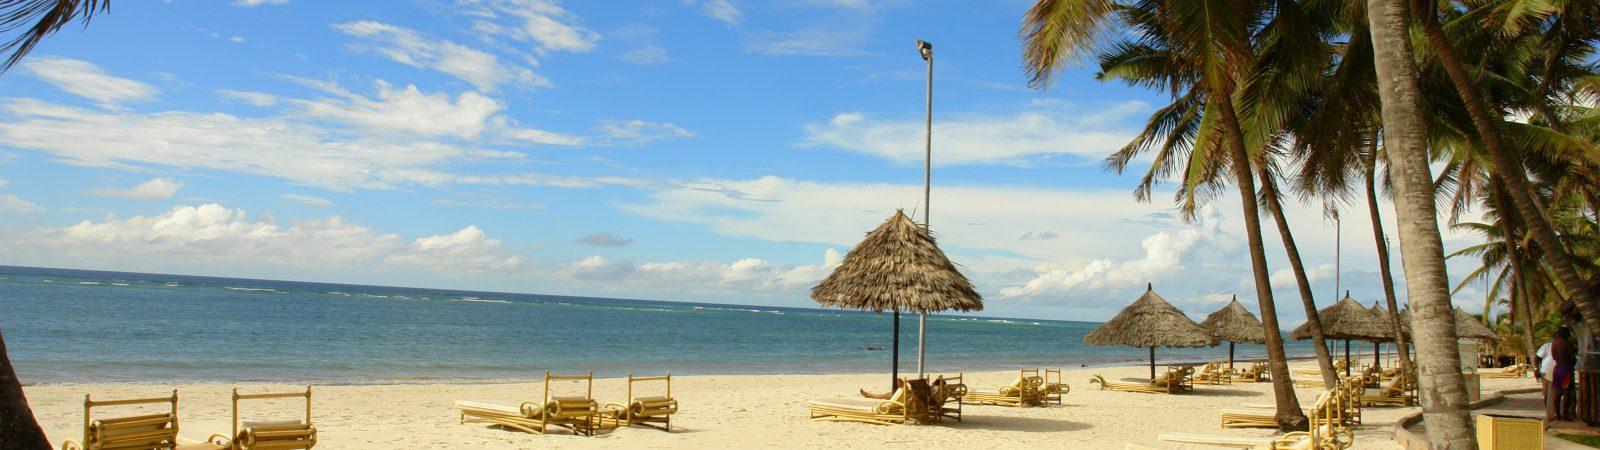 BeachKenya